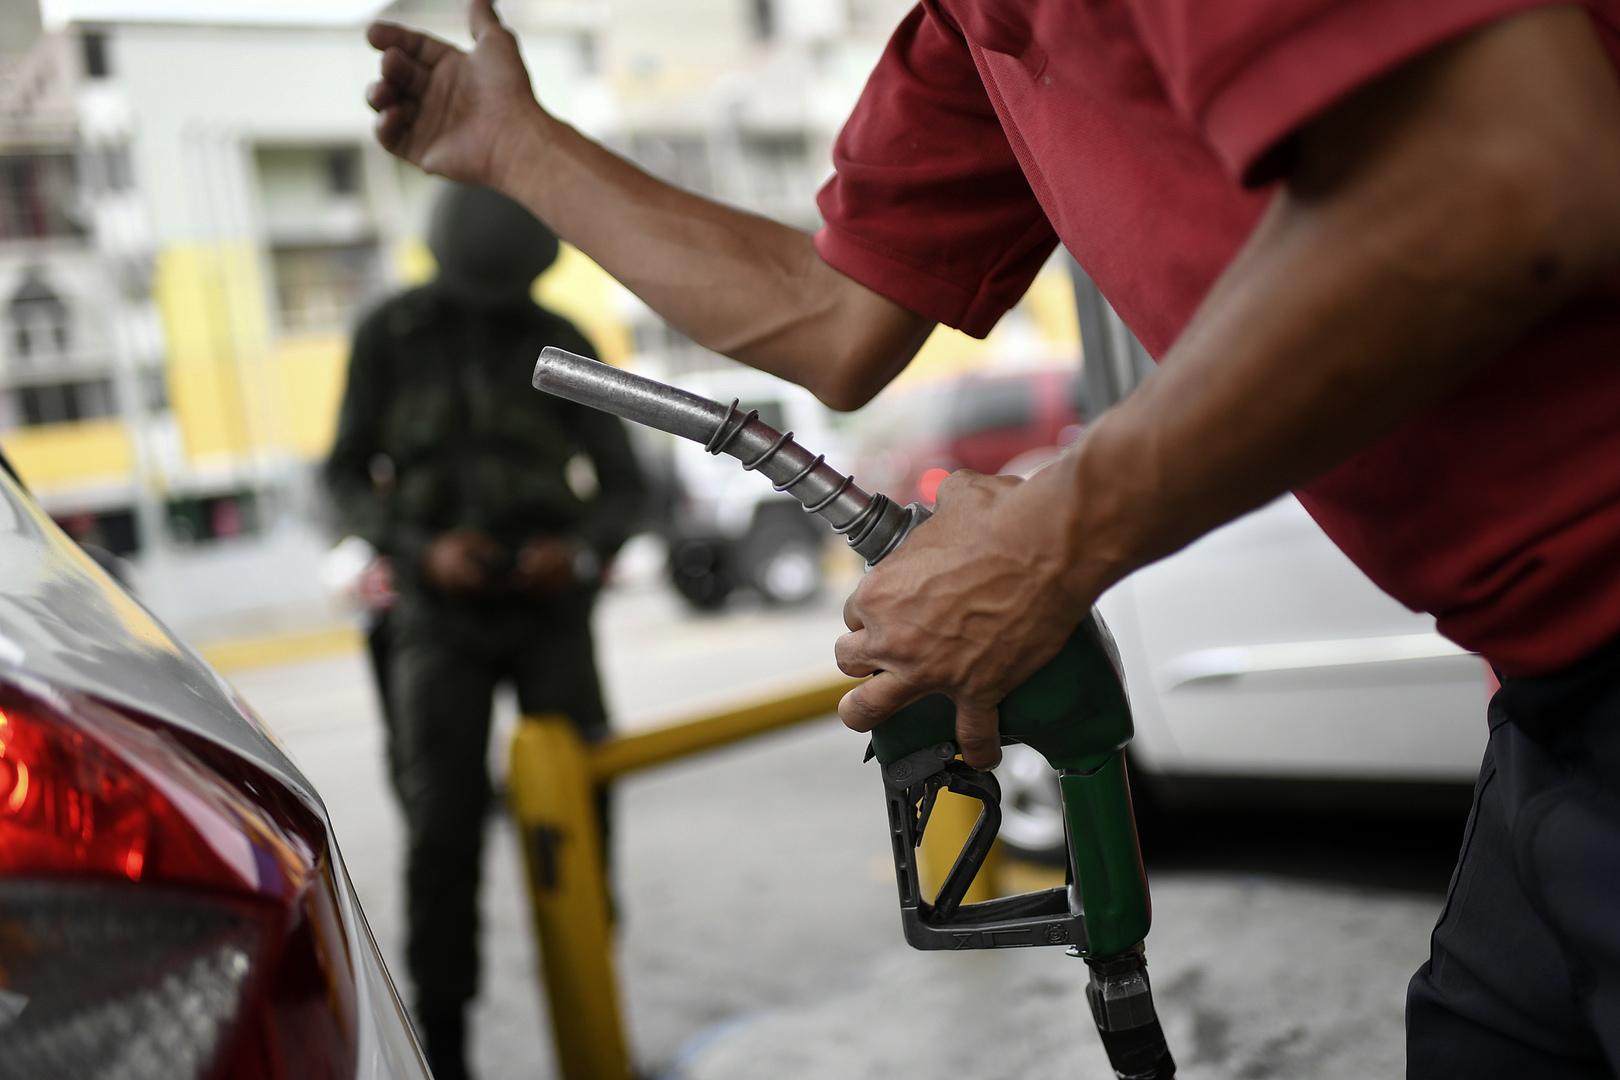 زيادة الصادرات عبر الدبلوماسية الغازية.. وزير النفط الإيراني يرسم مستقبل إيران في مجال الطاقة